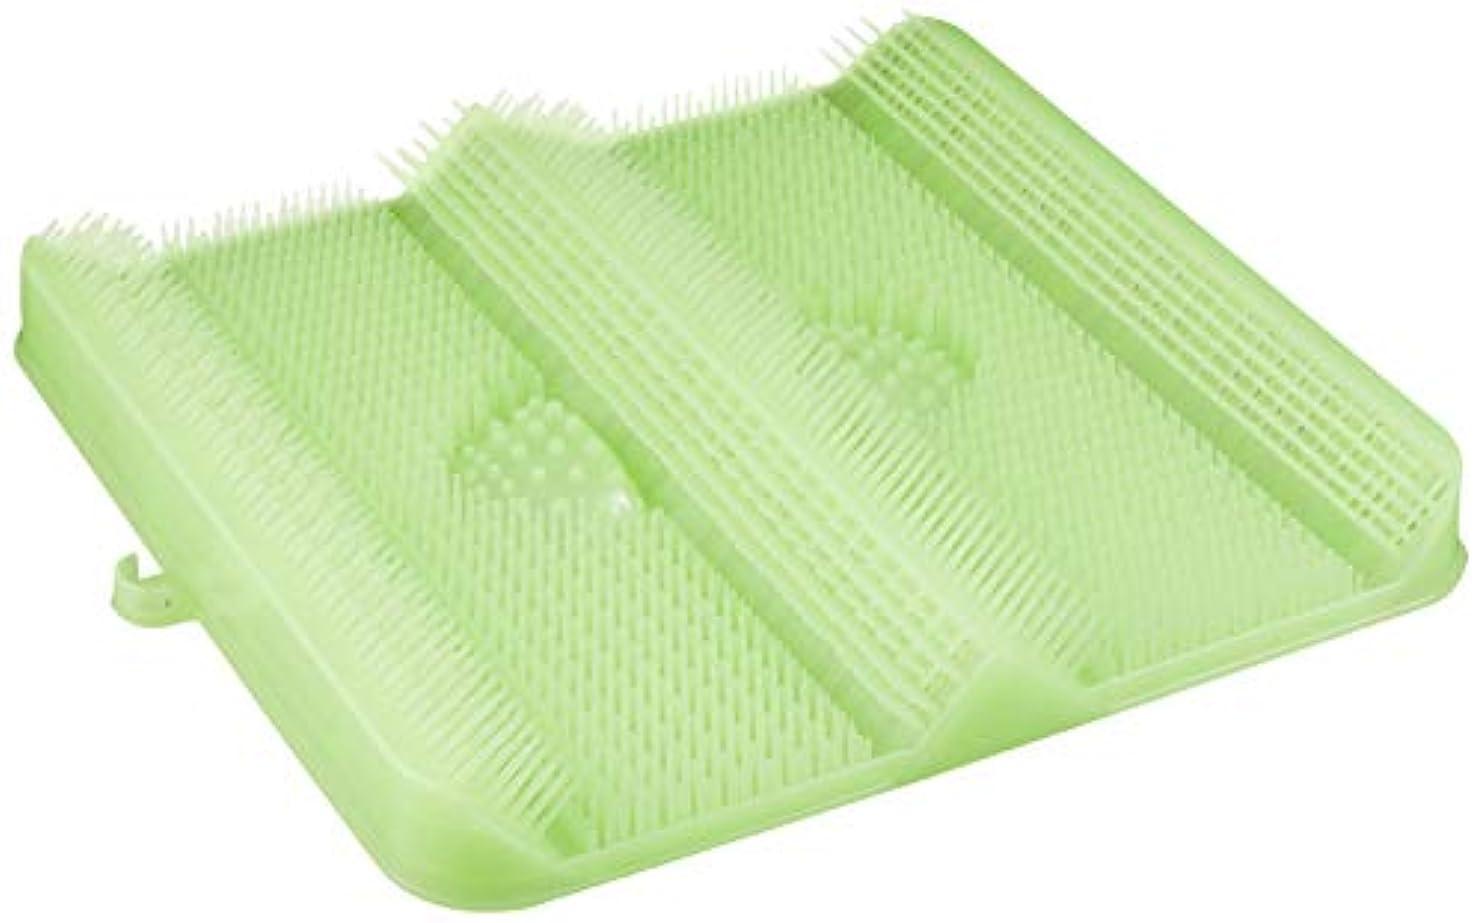 湖閃光ライドごしごし洗える!足洗いマット お風呂でスッキリ 足裏洗ったことありますか? HB-2815?グリーン